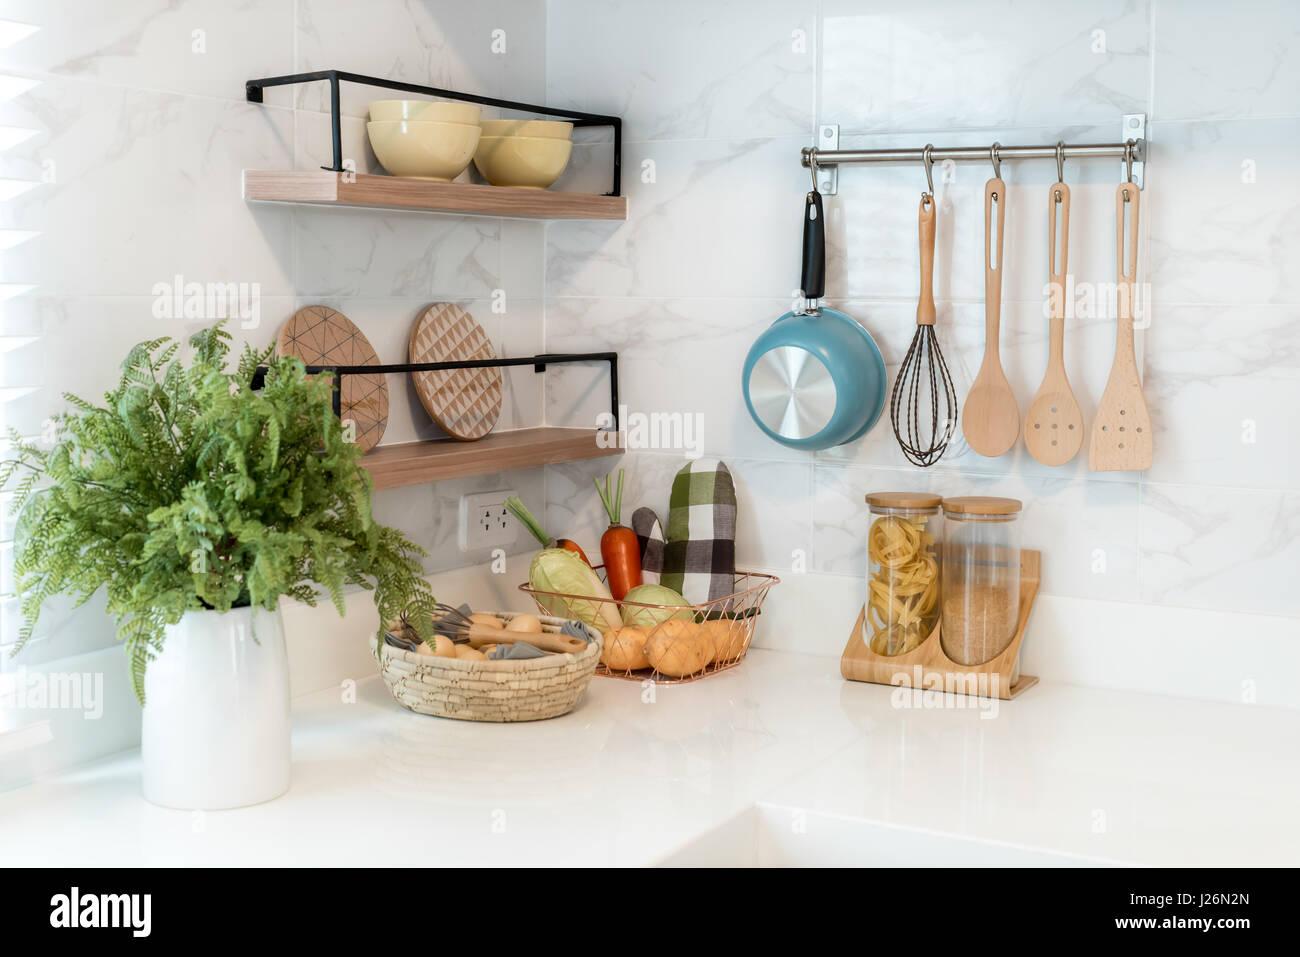 Hölzerne Küchenutensilien, Koch-Zubehör. Kupfer Küche mit weißen Fliesen Wand hängen. Stockbild